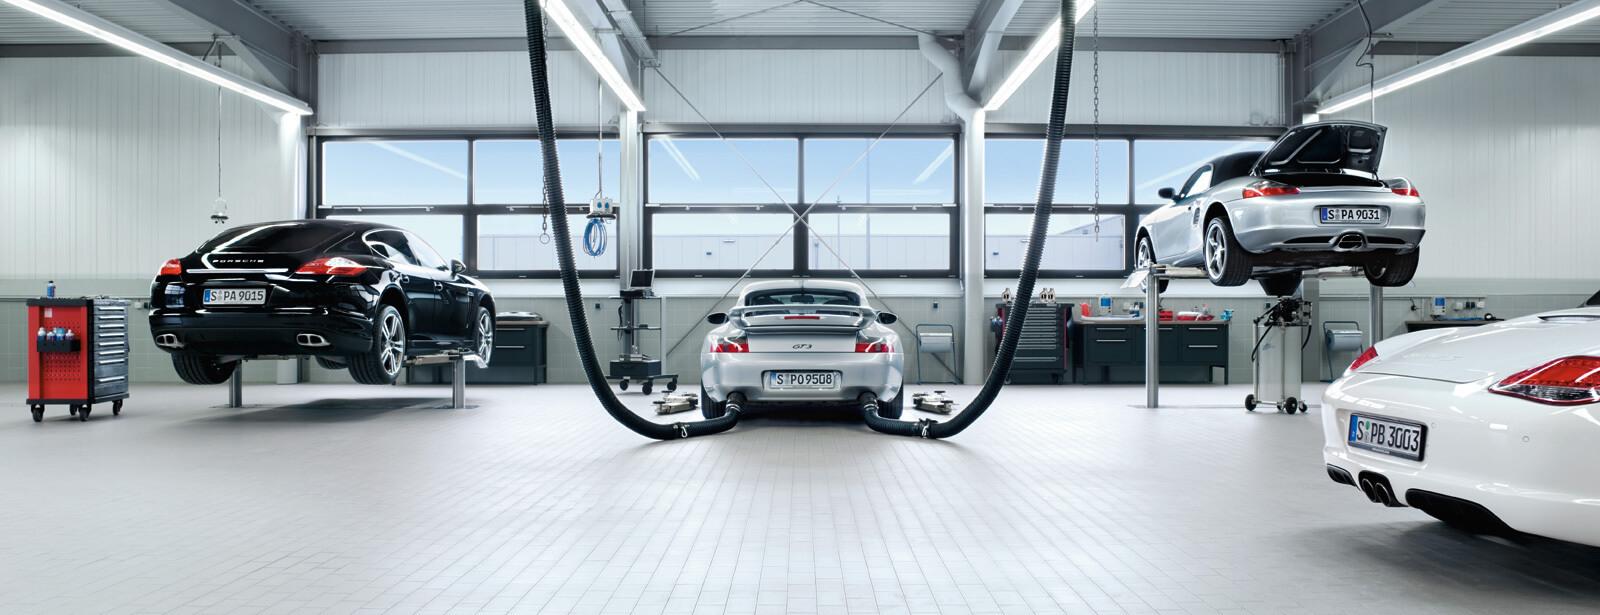 Centro Assistenza Porsche Palermo